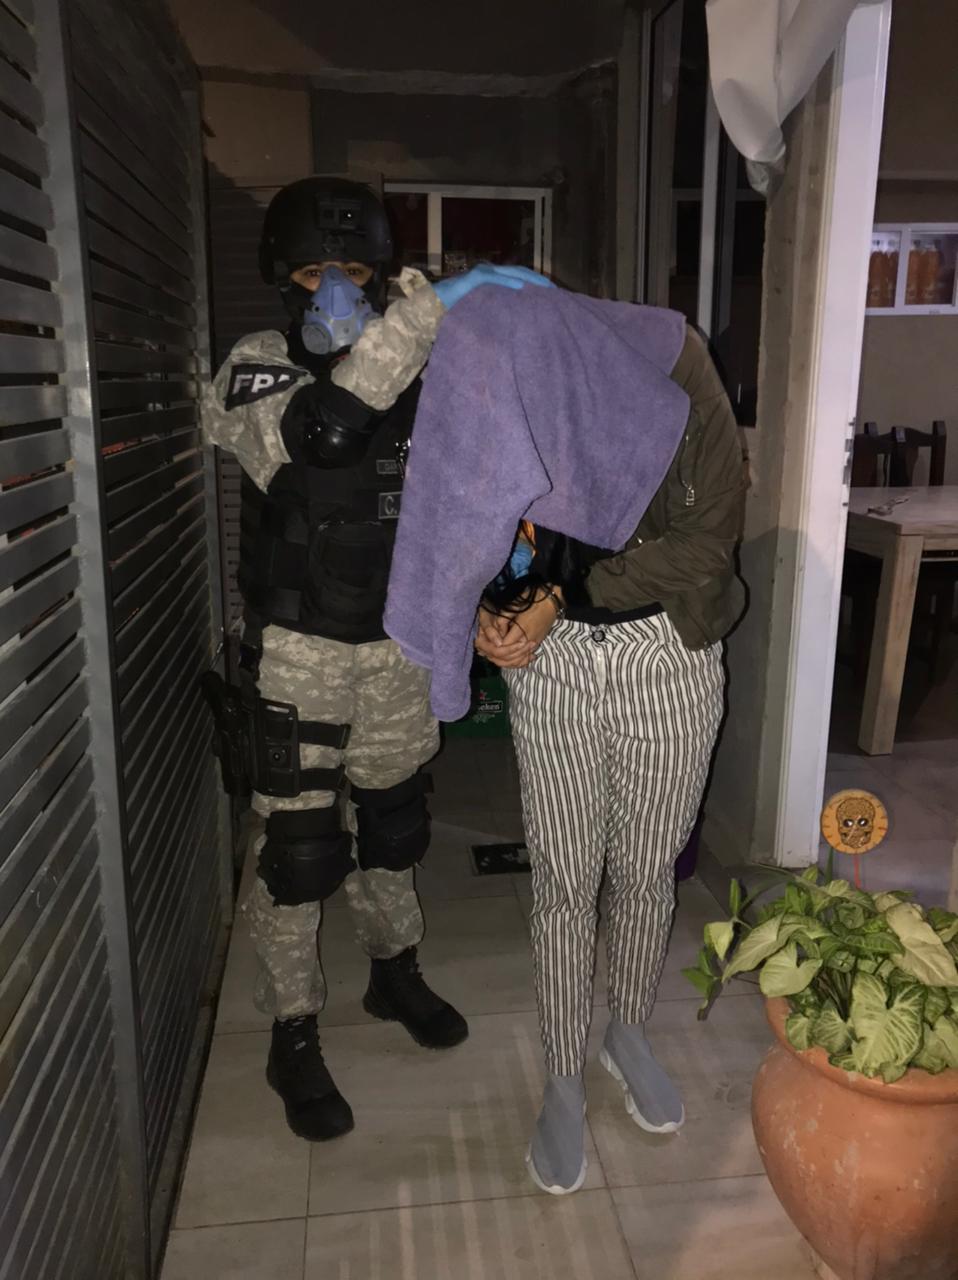 drogas fpa - Madre e hija detenidas por venta de drogas al noroeste de la ciudad de córdoba